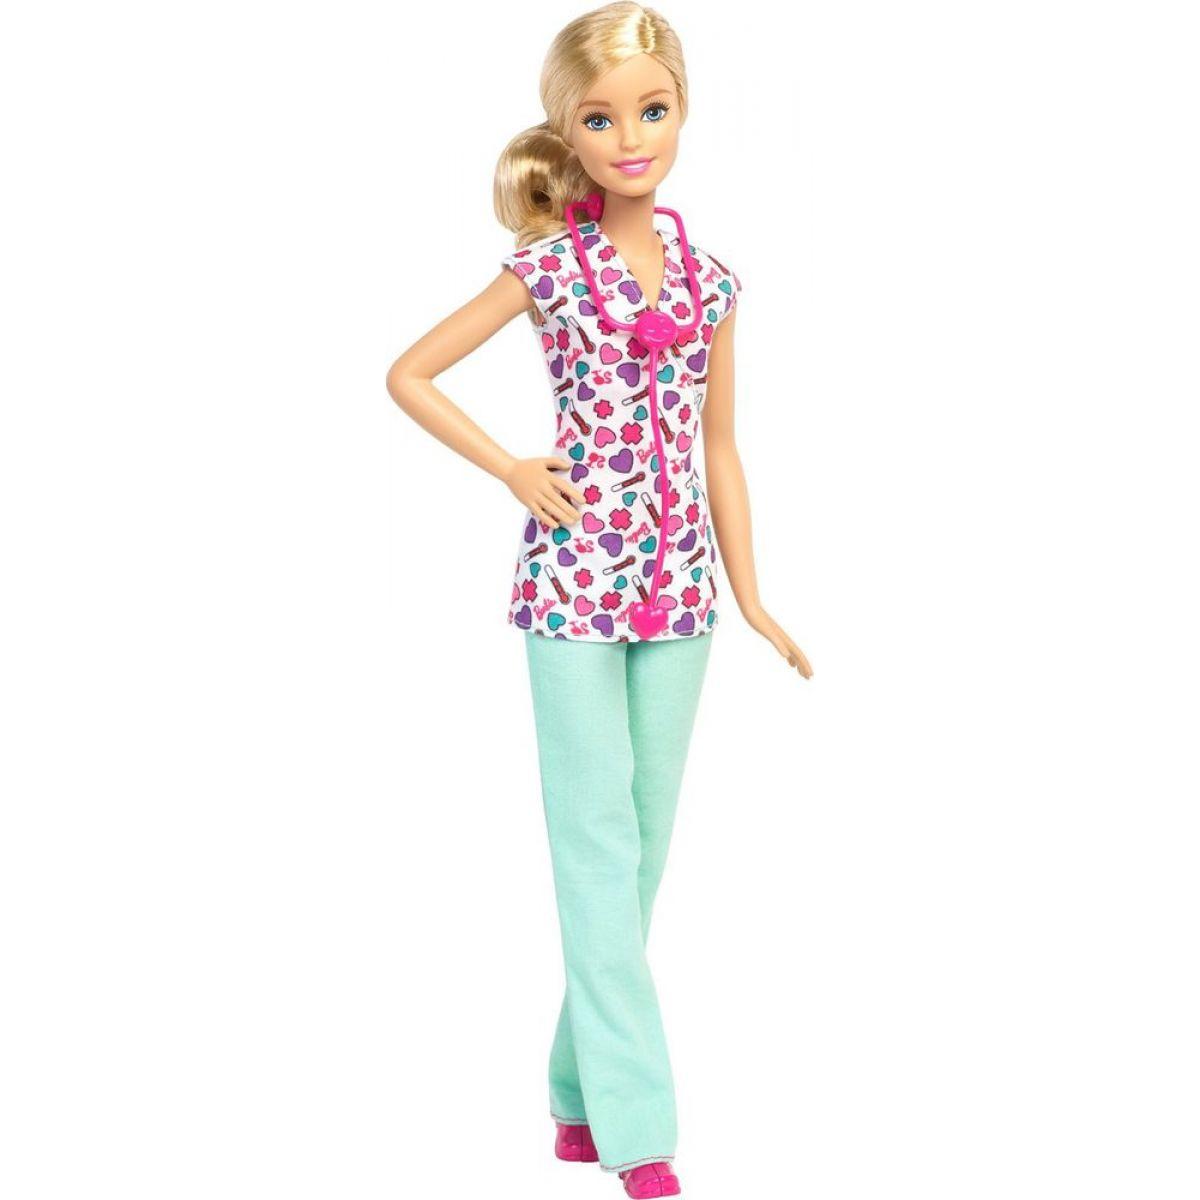 Barbie Panenka v povolání - Zdravotní sestra